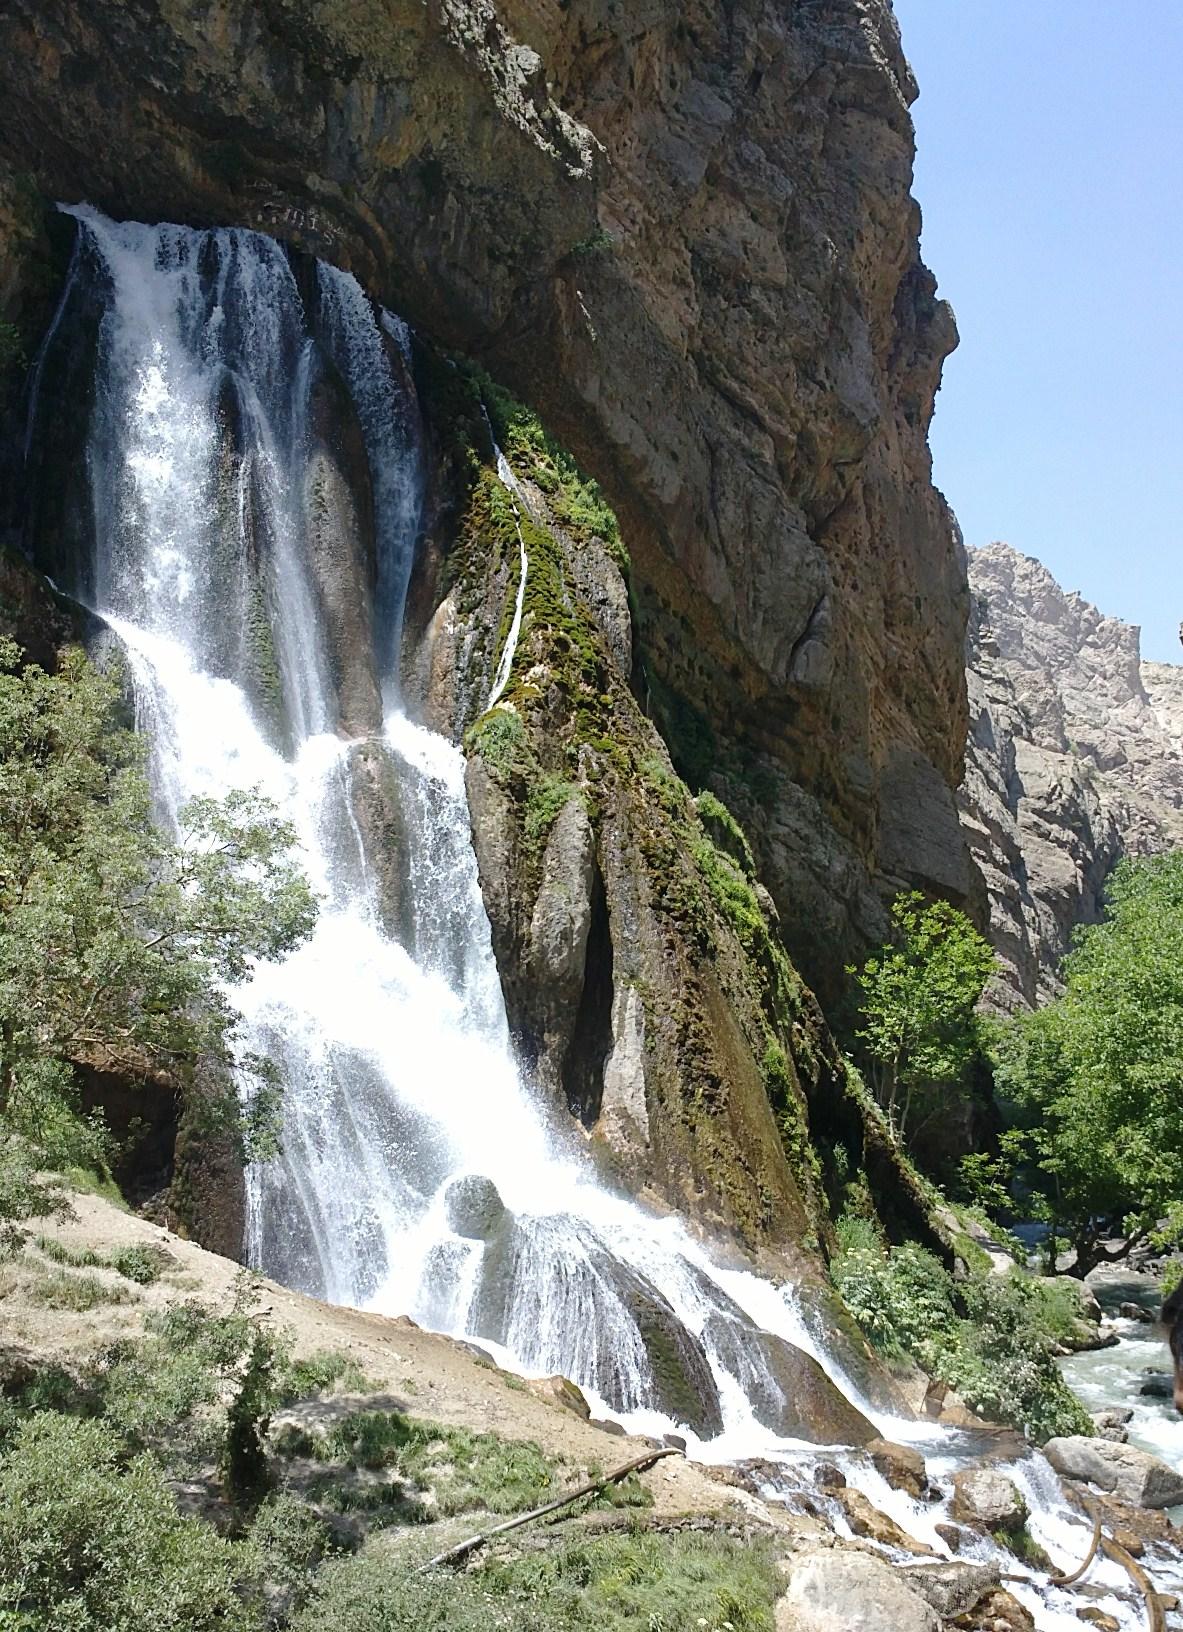 آبشار آبسفید - ویکیپدیا، دانشنامهٔ آزاد